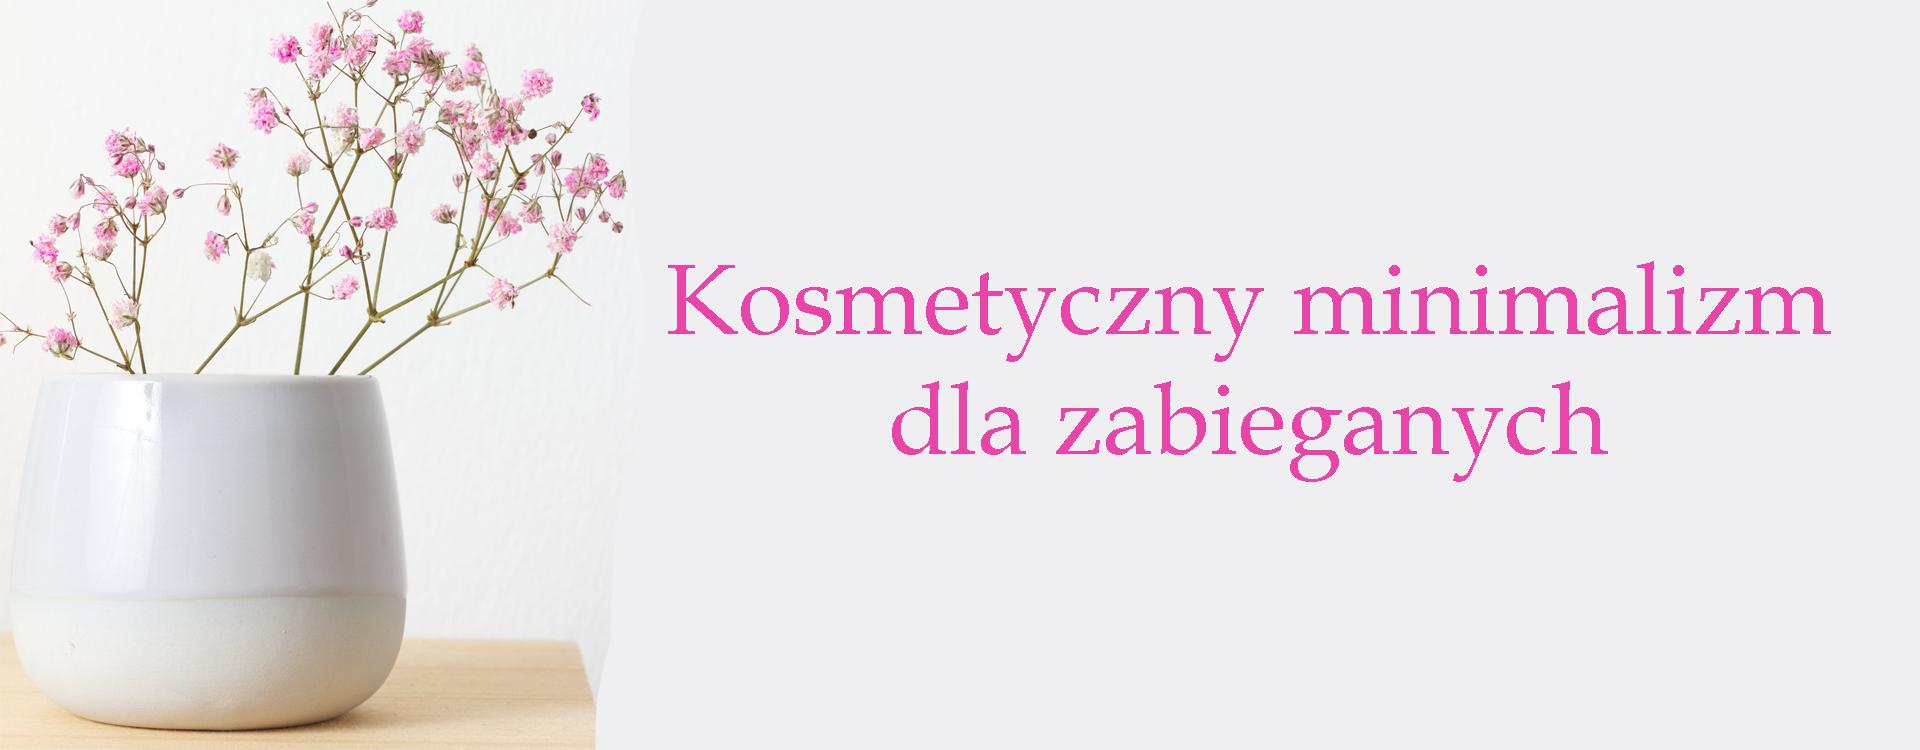 Kosmetyczny minimalizm dla zabieganych